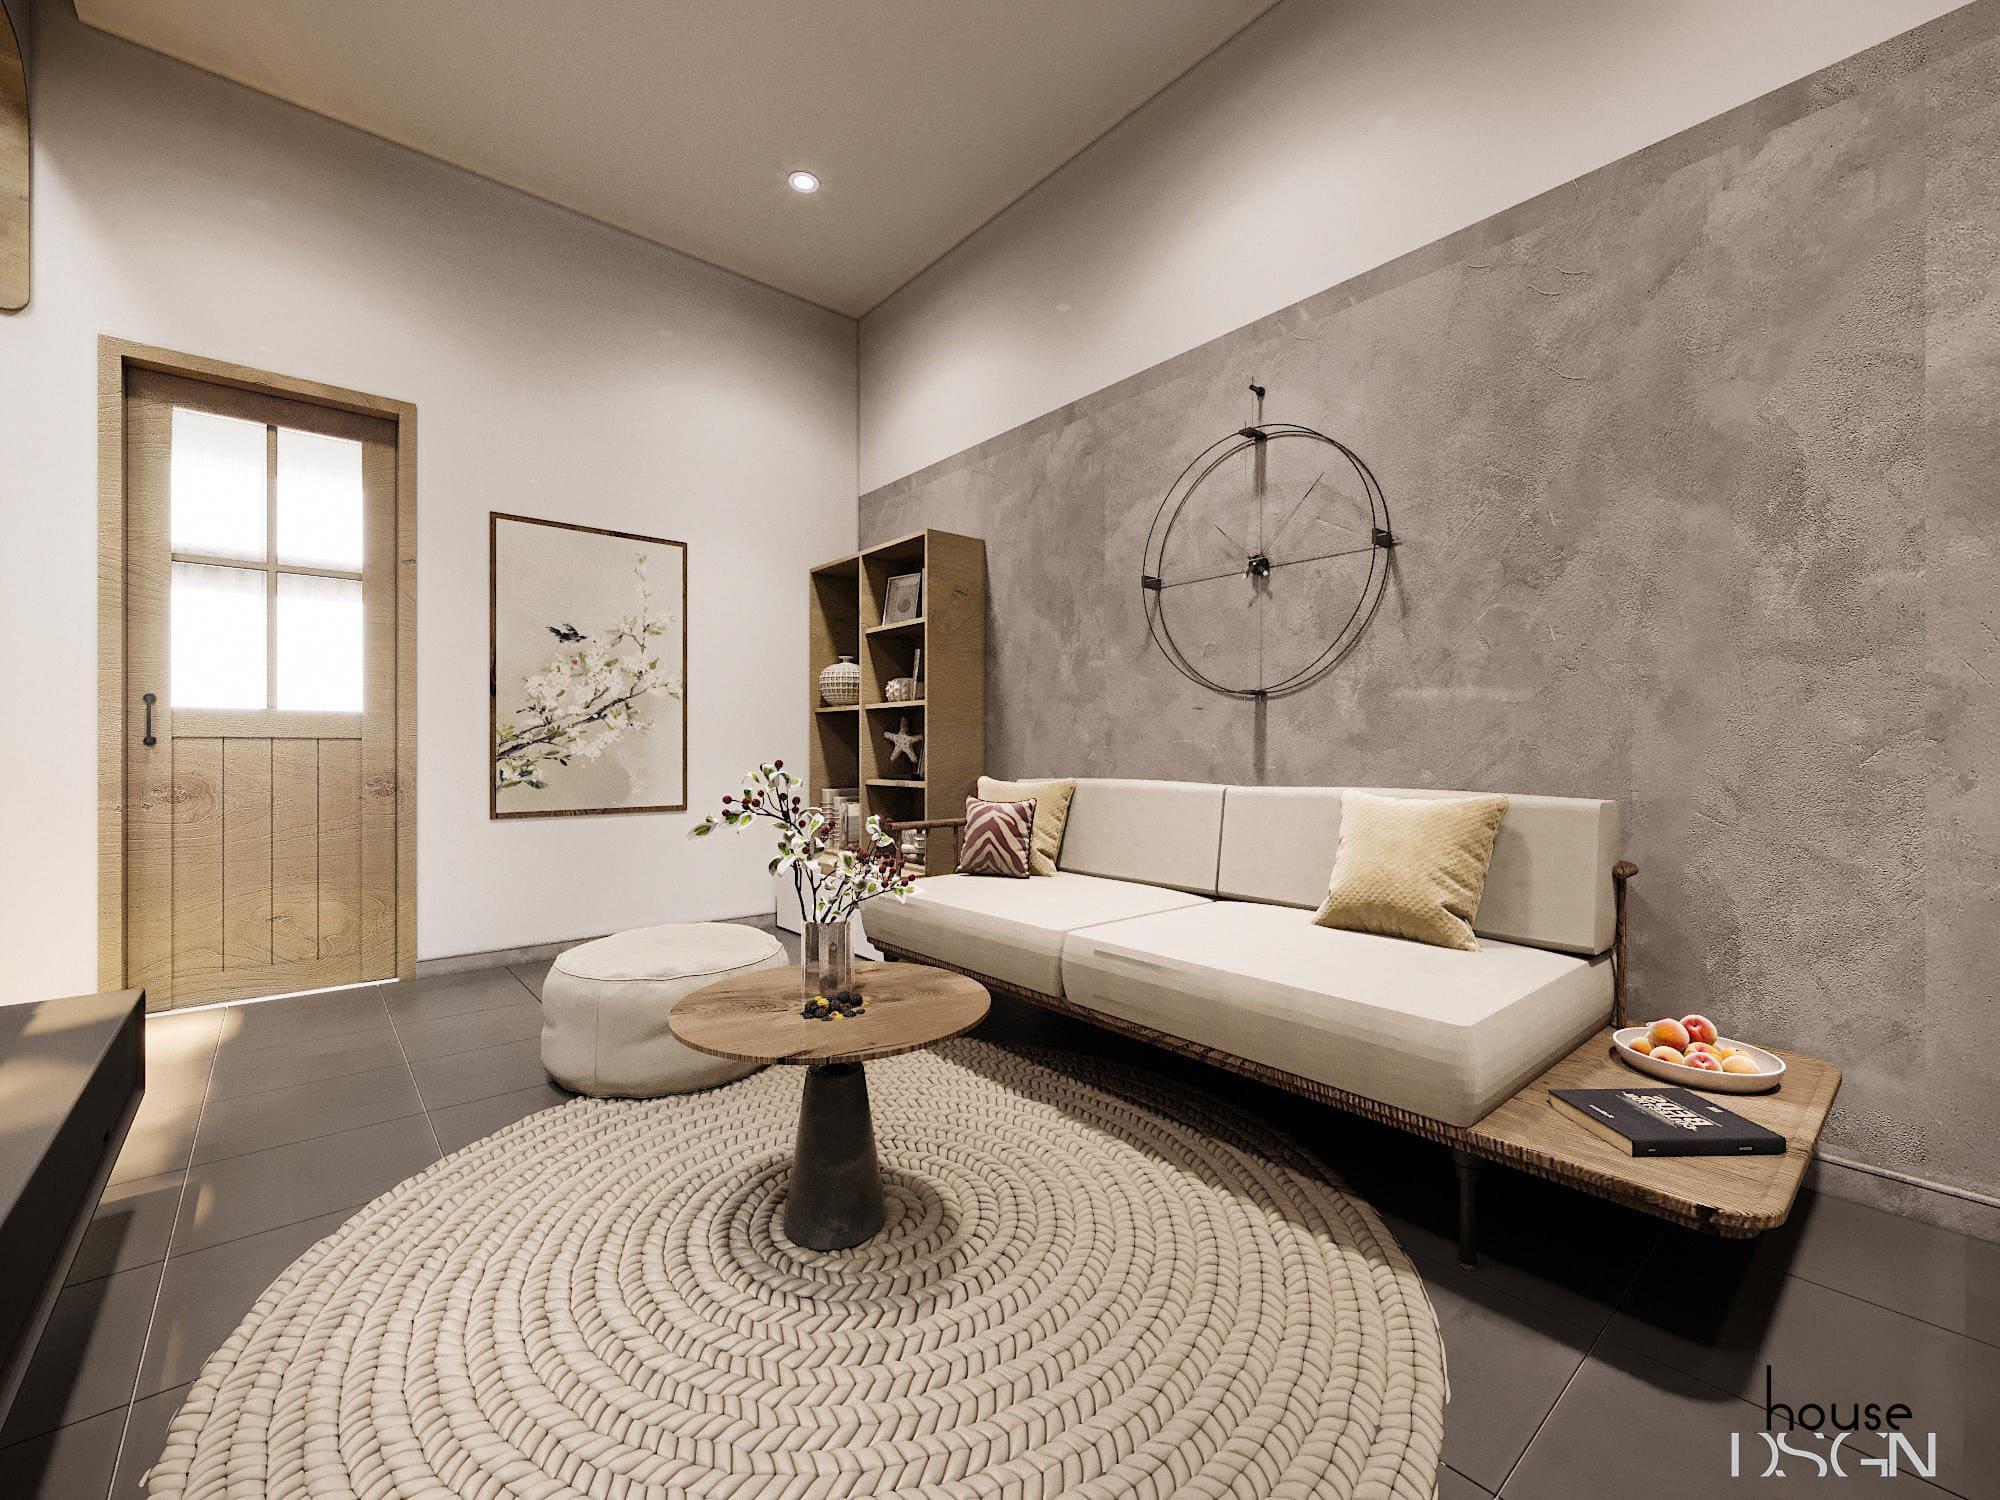 mẫu nội thất nhà phố cho phòng khách